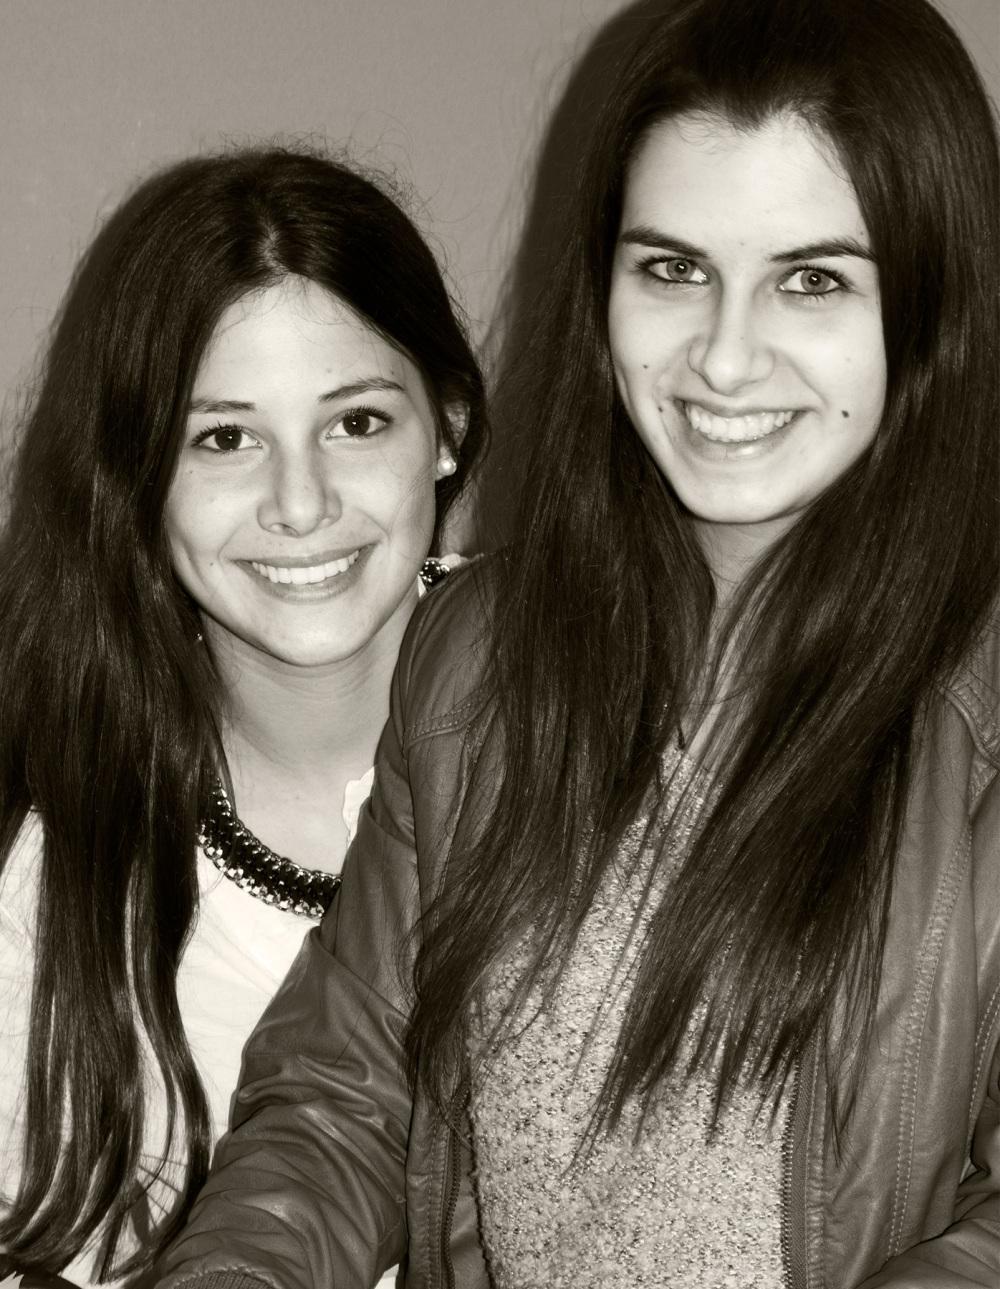 Amizade - Friendship